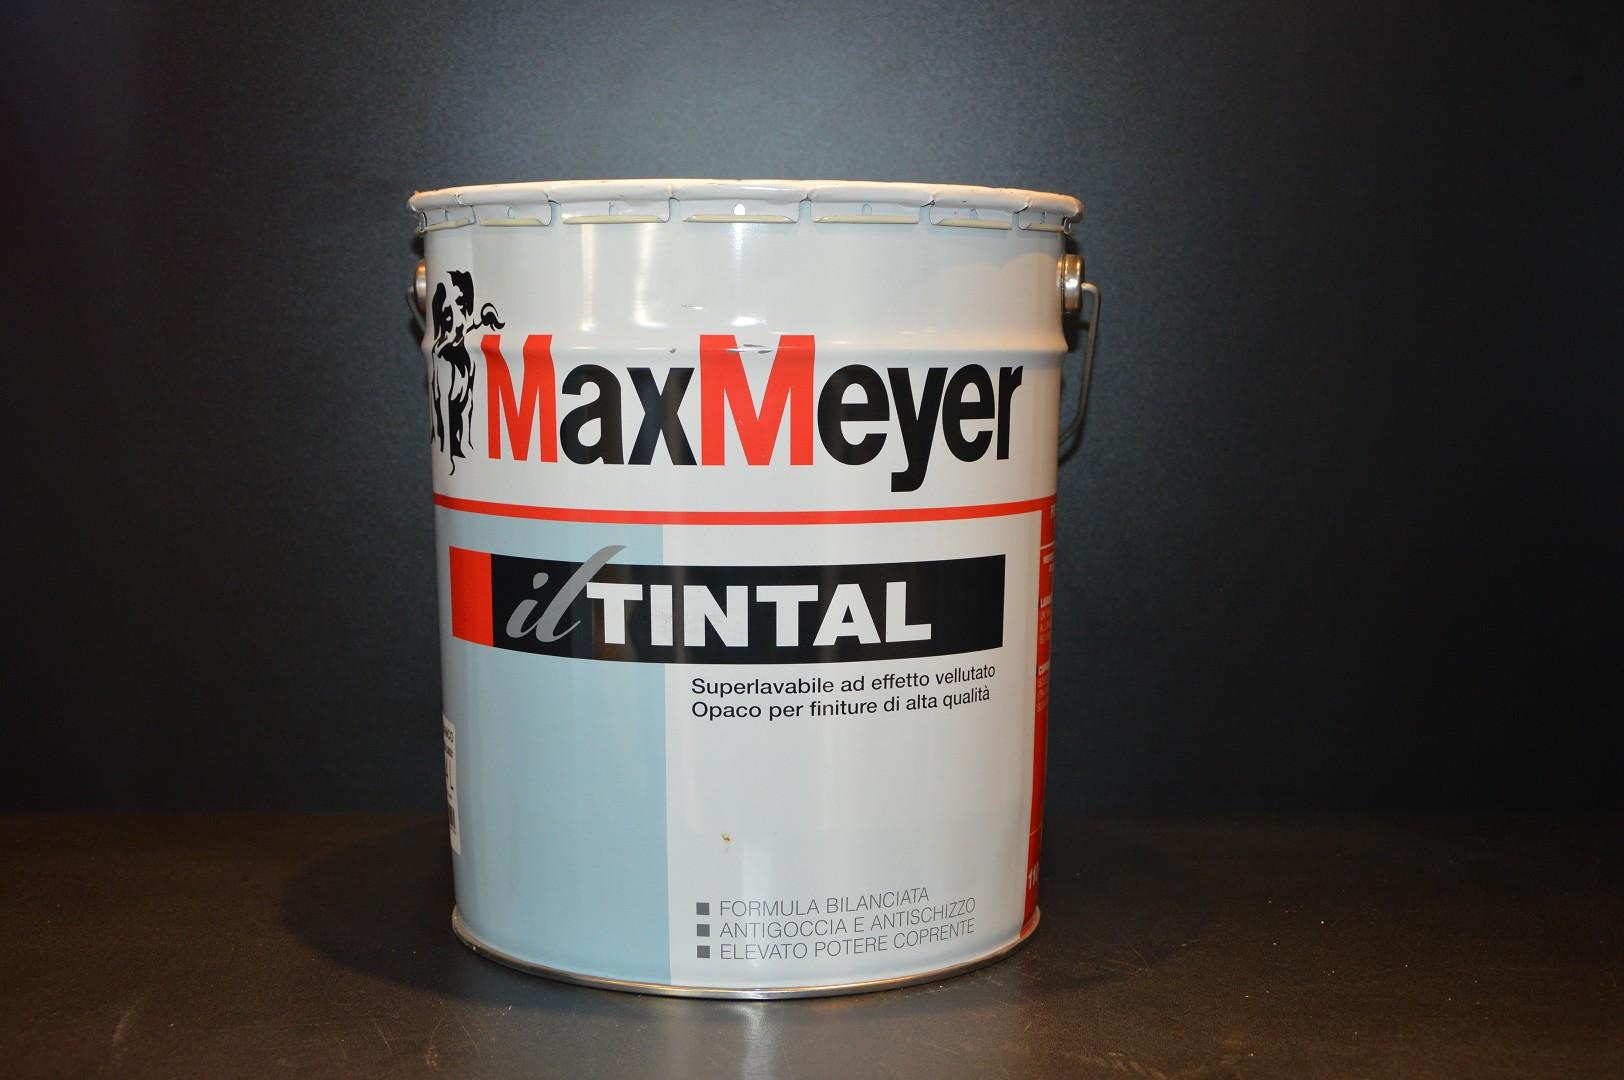 Colori Per Esterni Max Meyer : Delucchi colori tintal max meyer superlavabile pittura lavabile